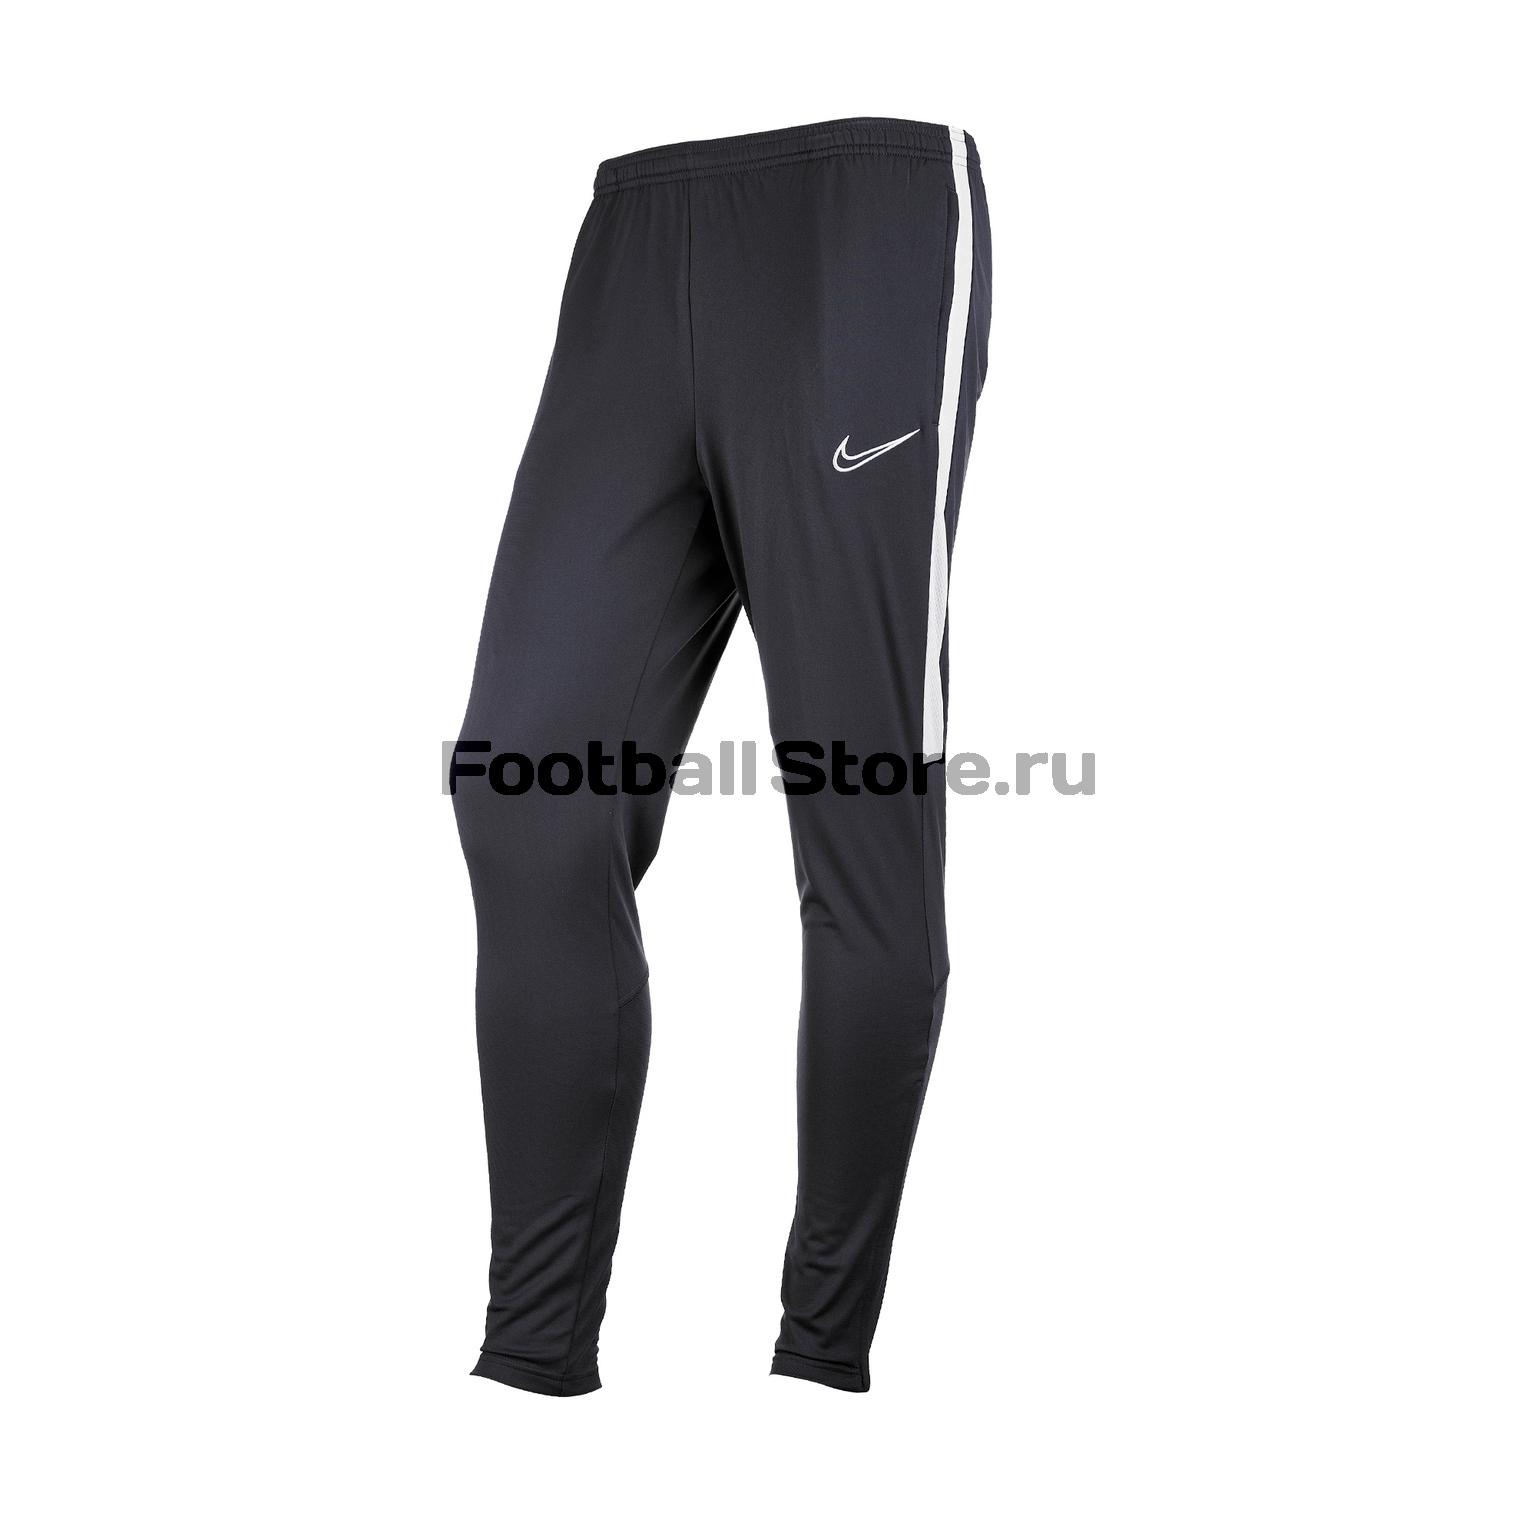 Брюки тренировочные Nike Dry Academy Pant AJ9181-060 брюки тренировочные nike dry squad 894877 416